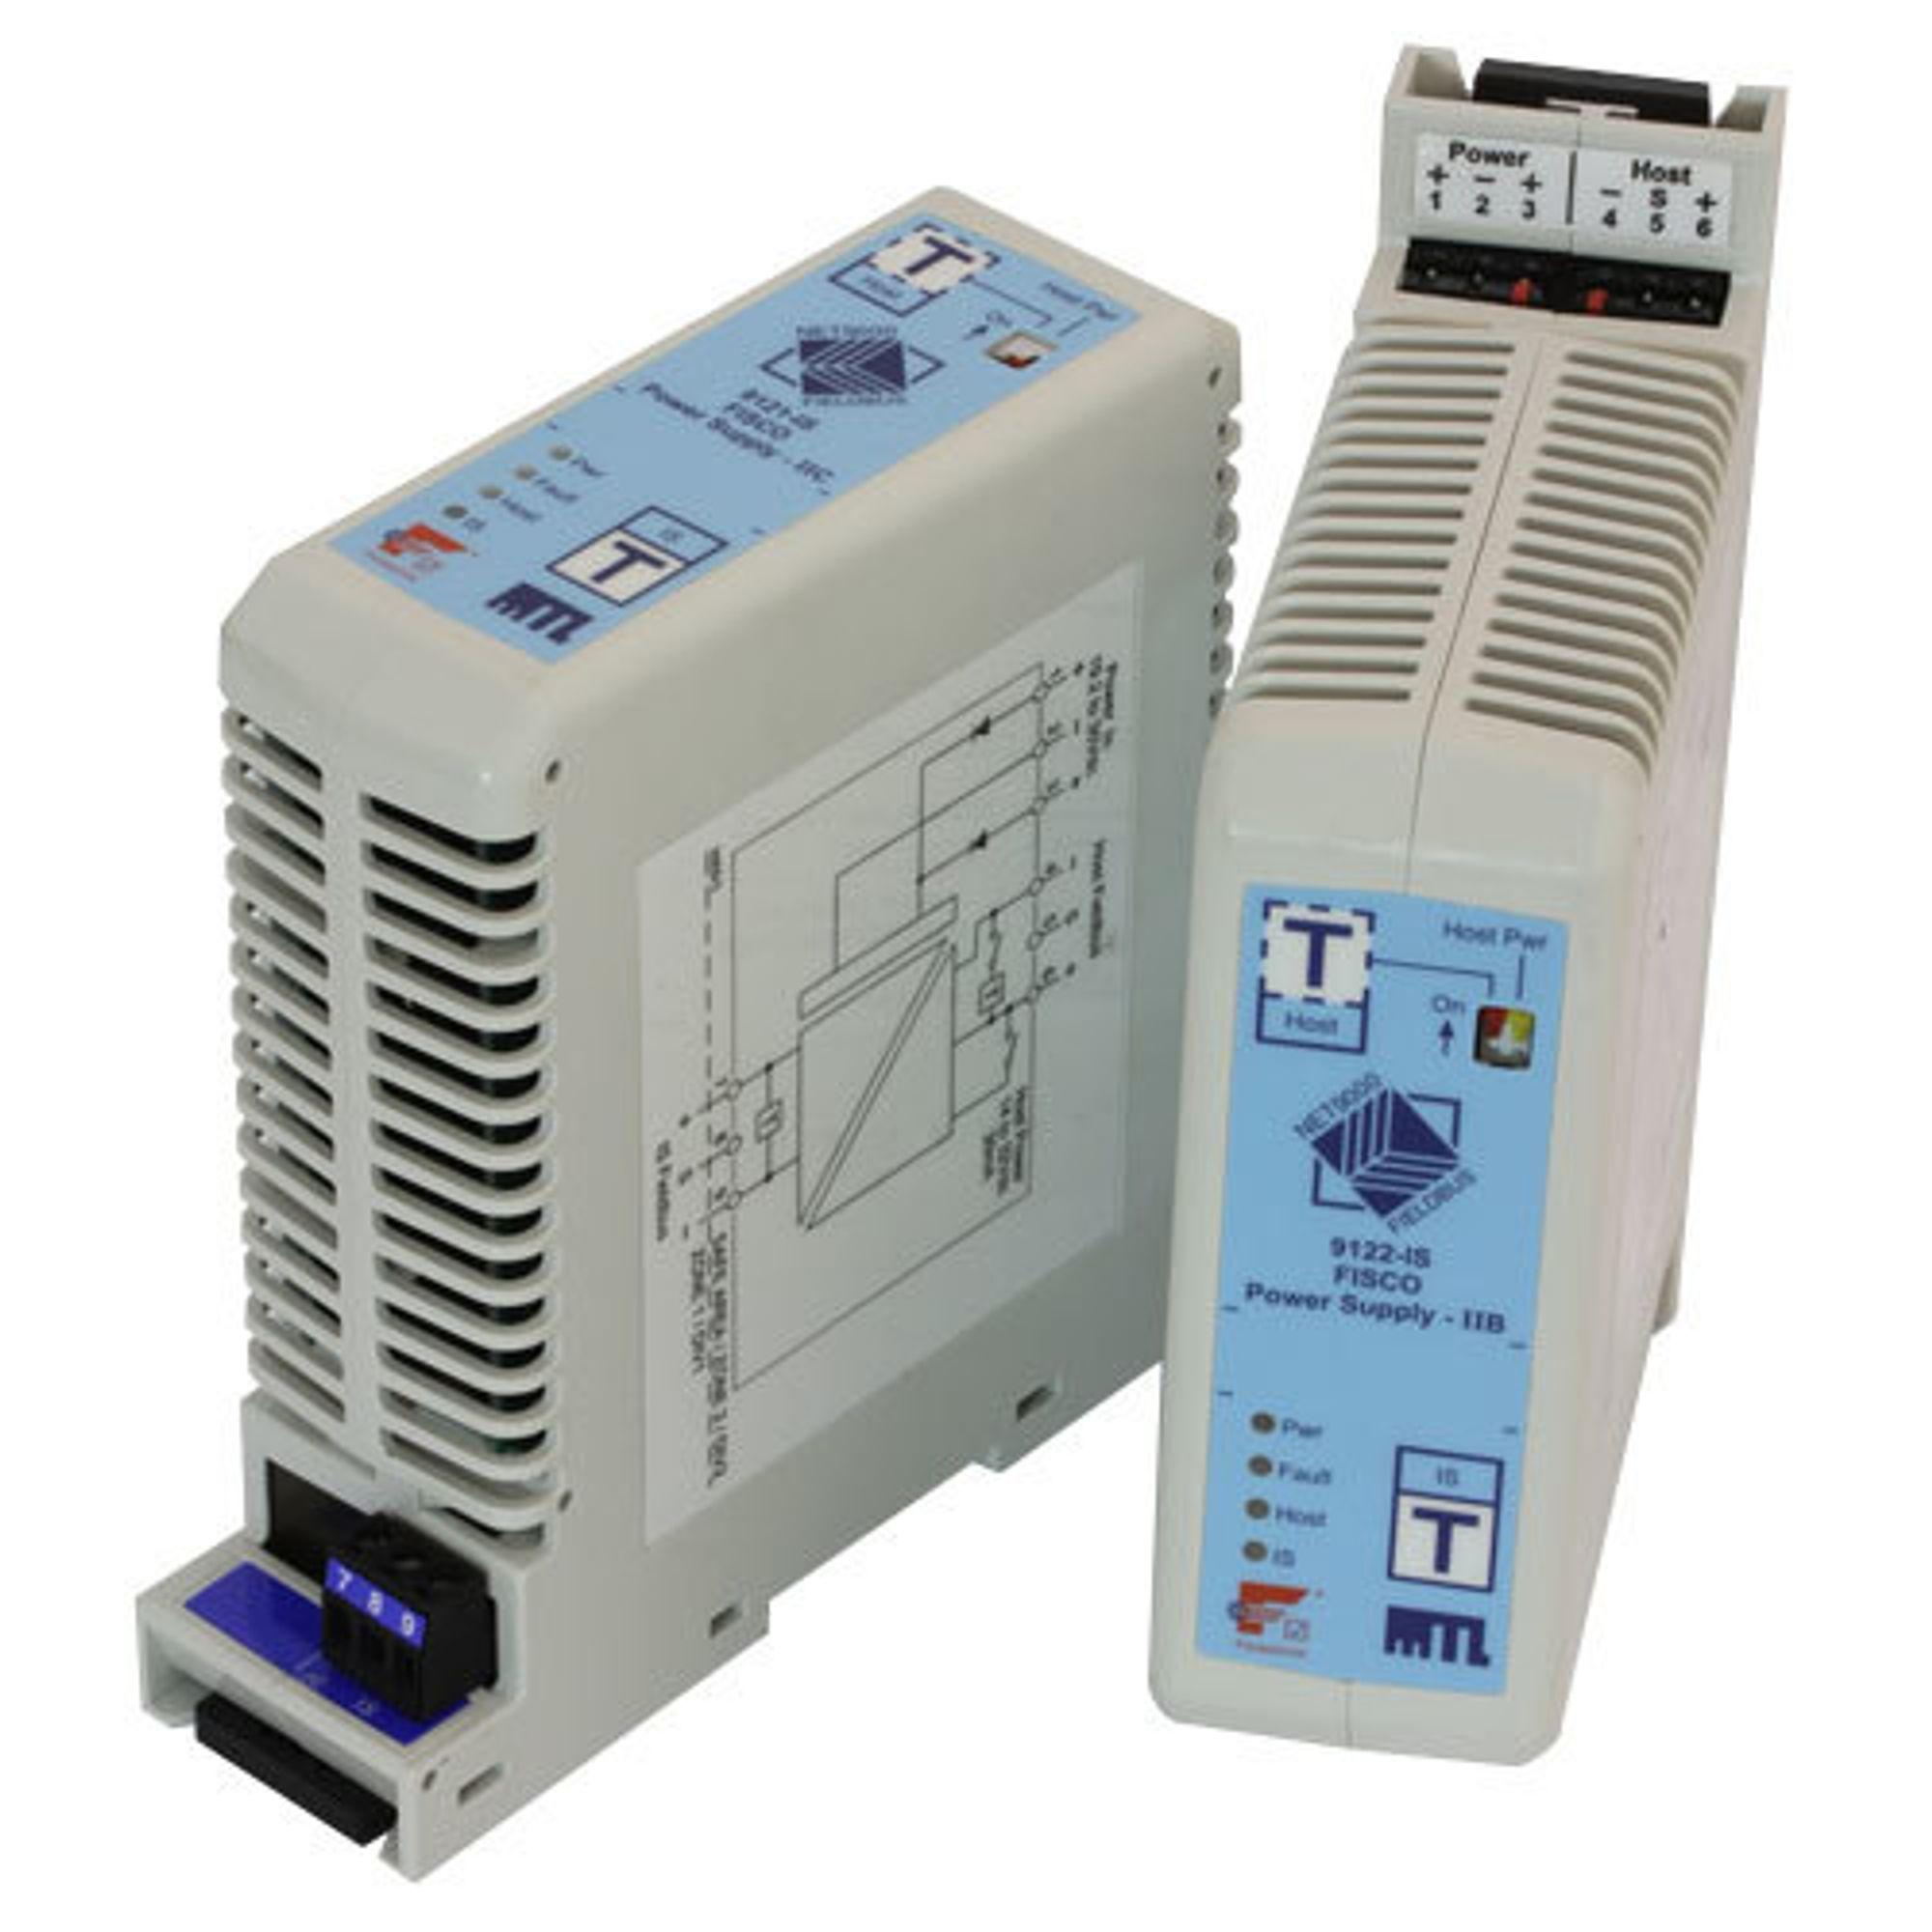 Eaton Simplex Fisco kraftforsyning er tilpasset fieldbus og godkjent for bruk i Ex-soner.